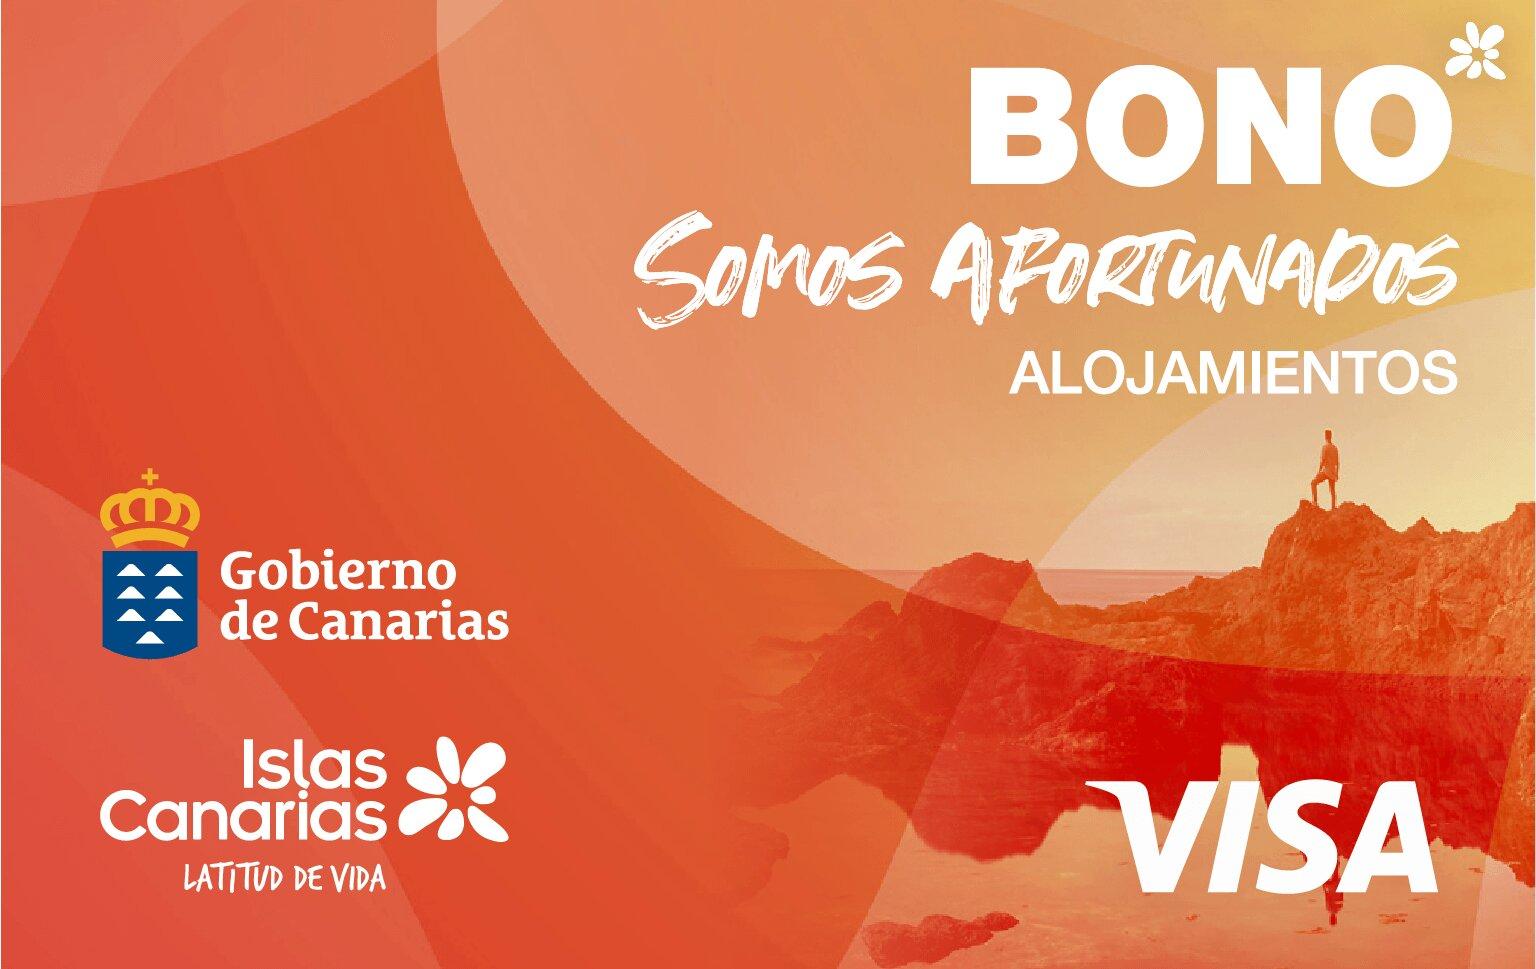 Turismo inicia la activación de las tarjetas virtuales de los bonos turísticos